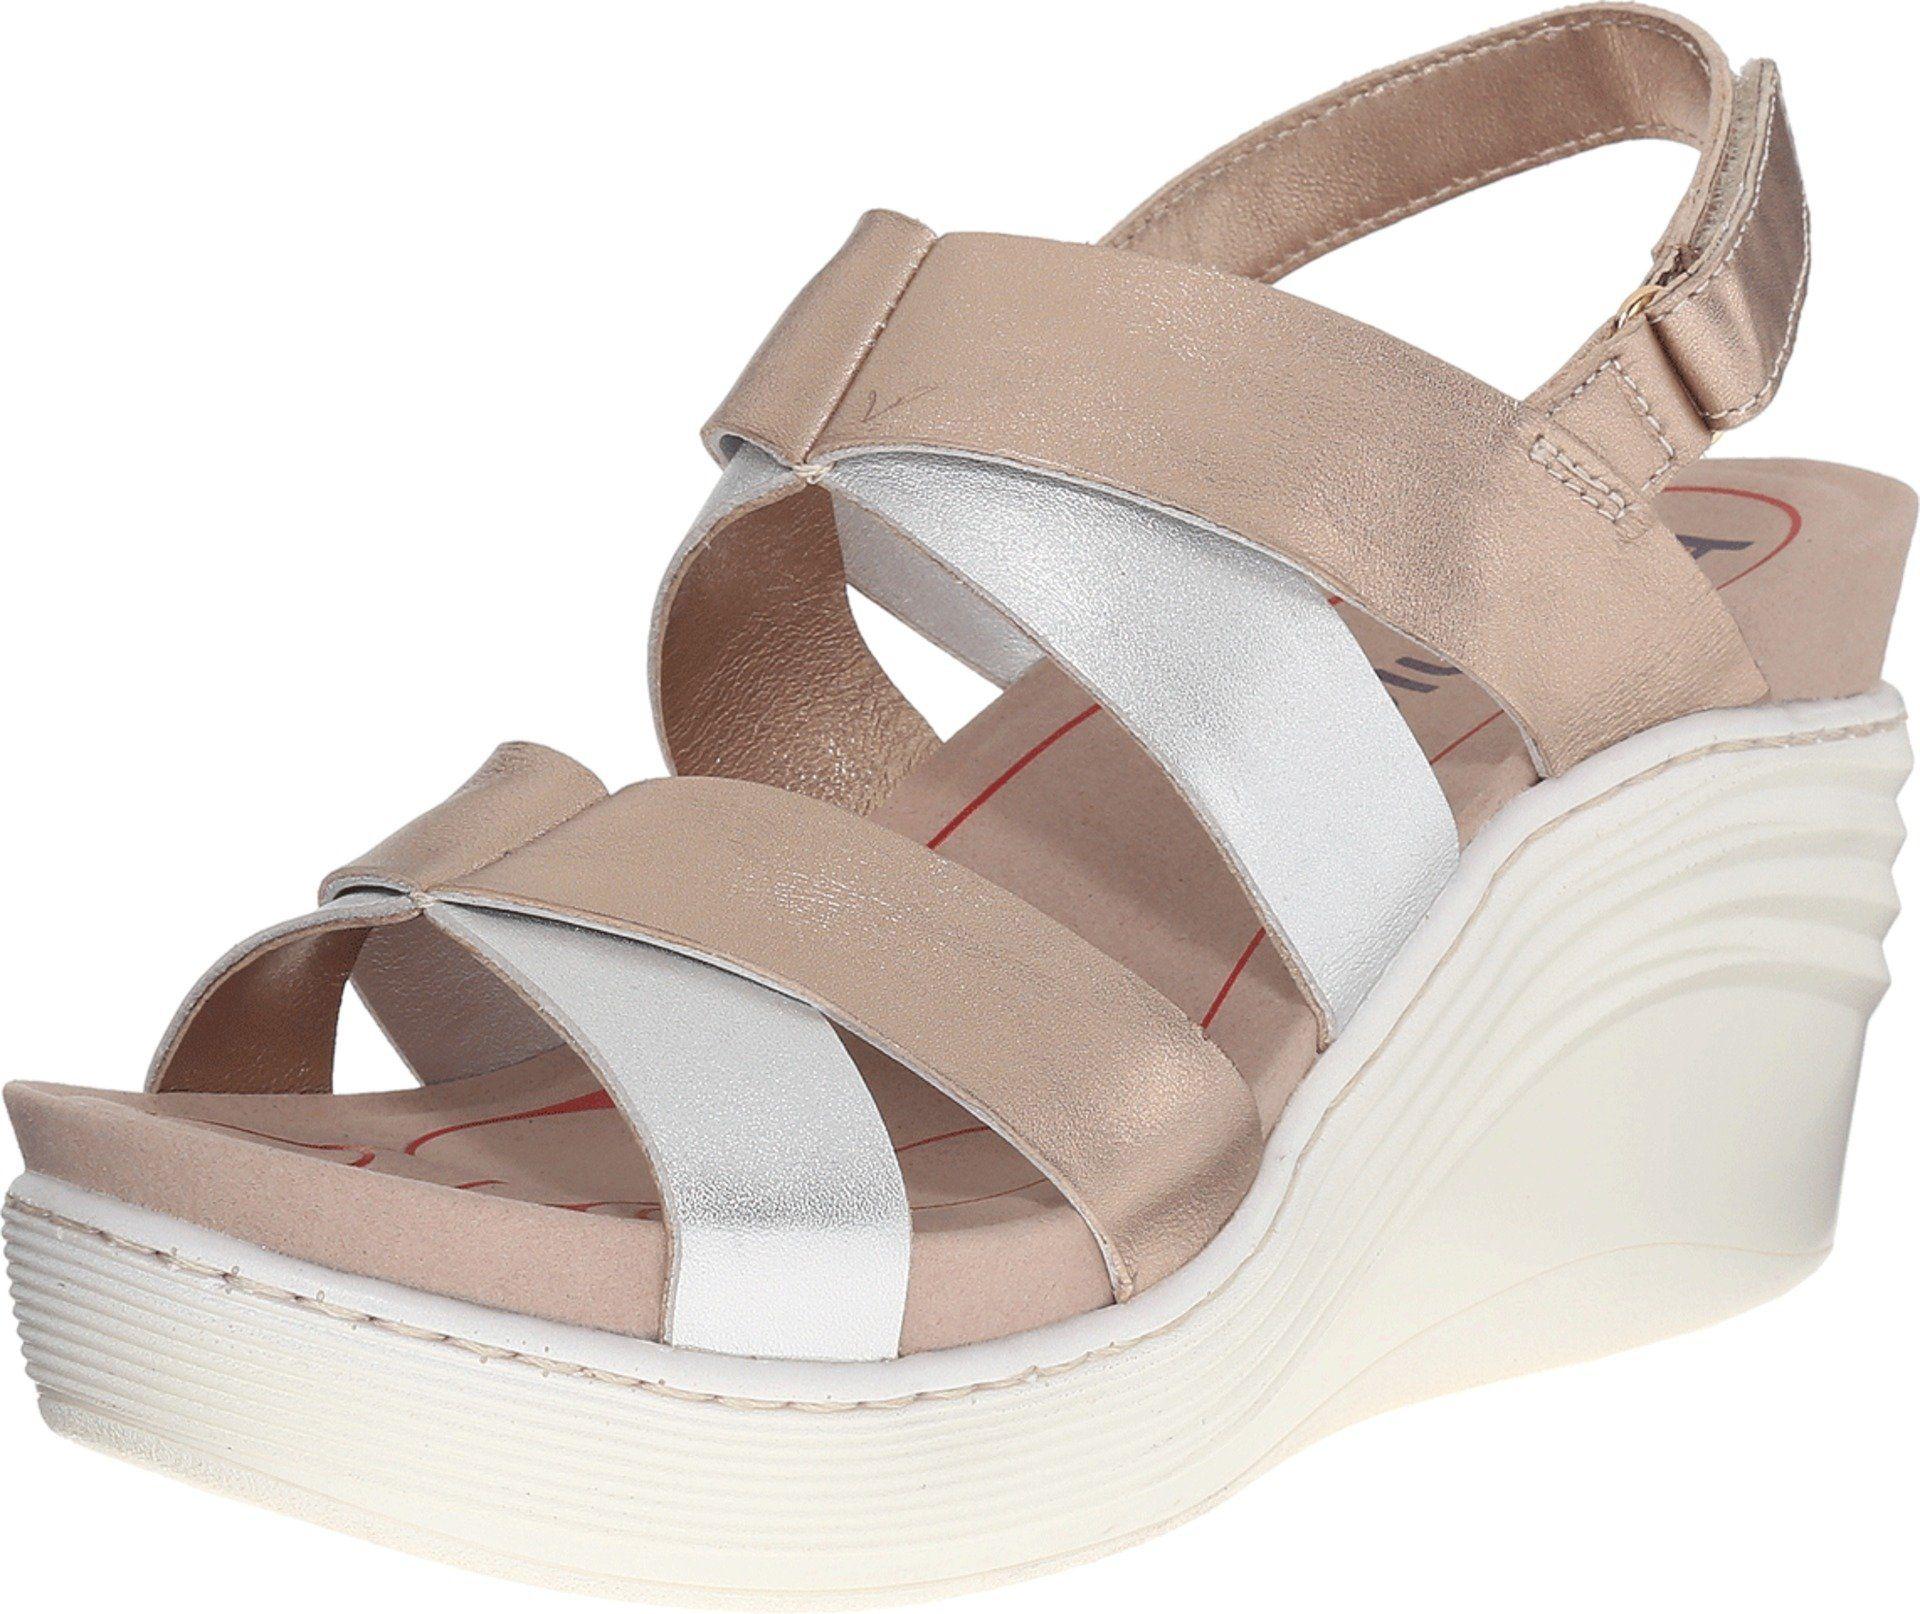 Bionica Women's Splendor Gold/Silver Sandal 9 B (M). Weight: 9.6